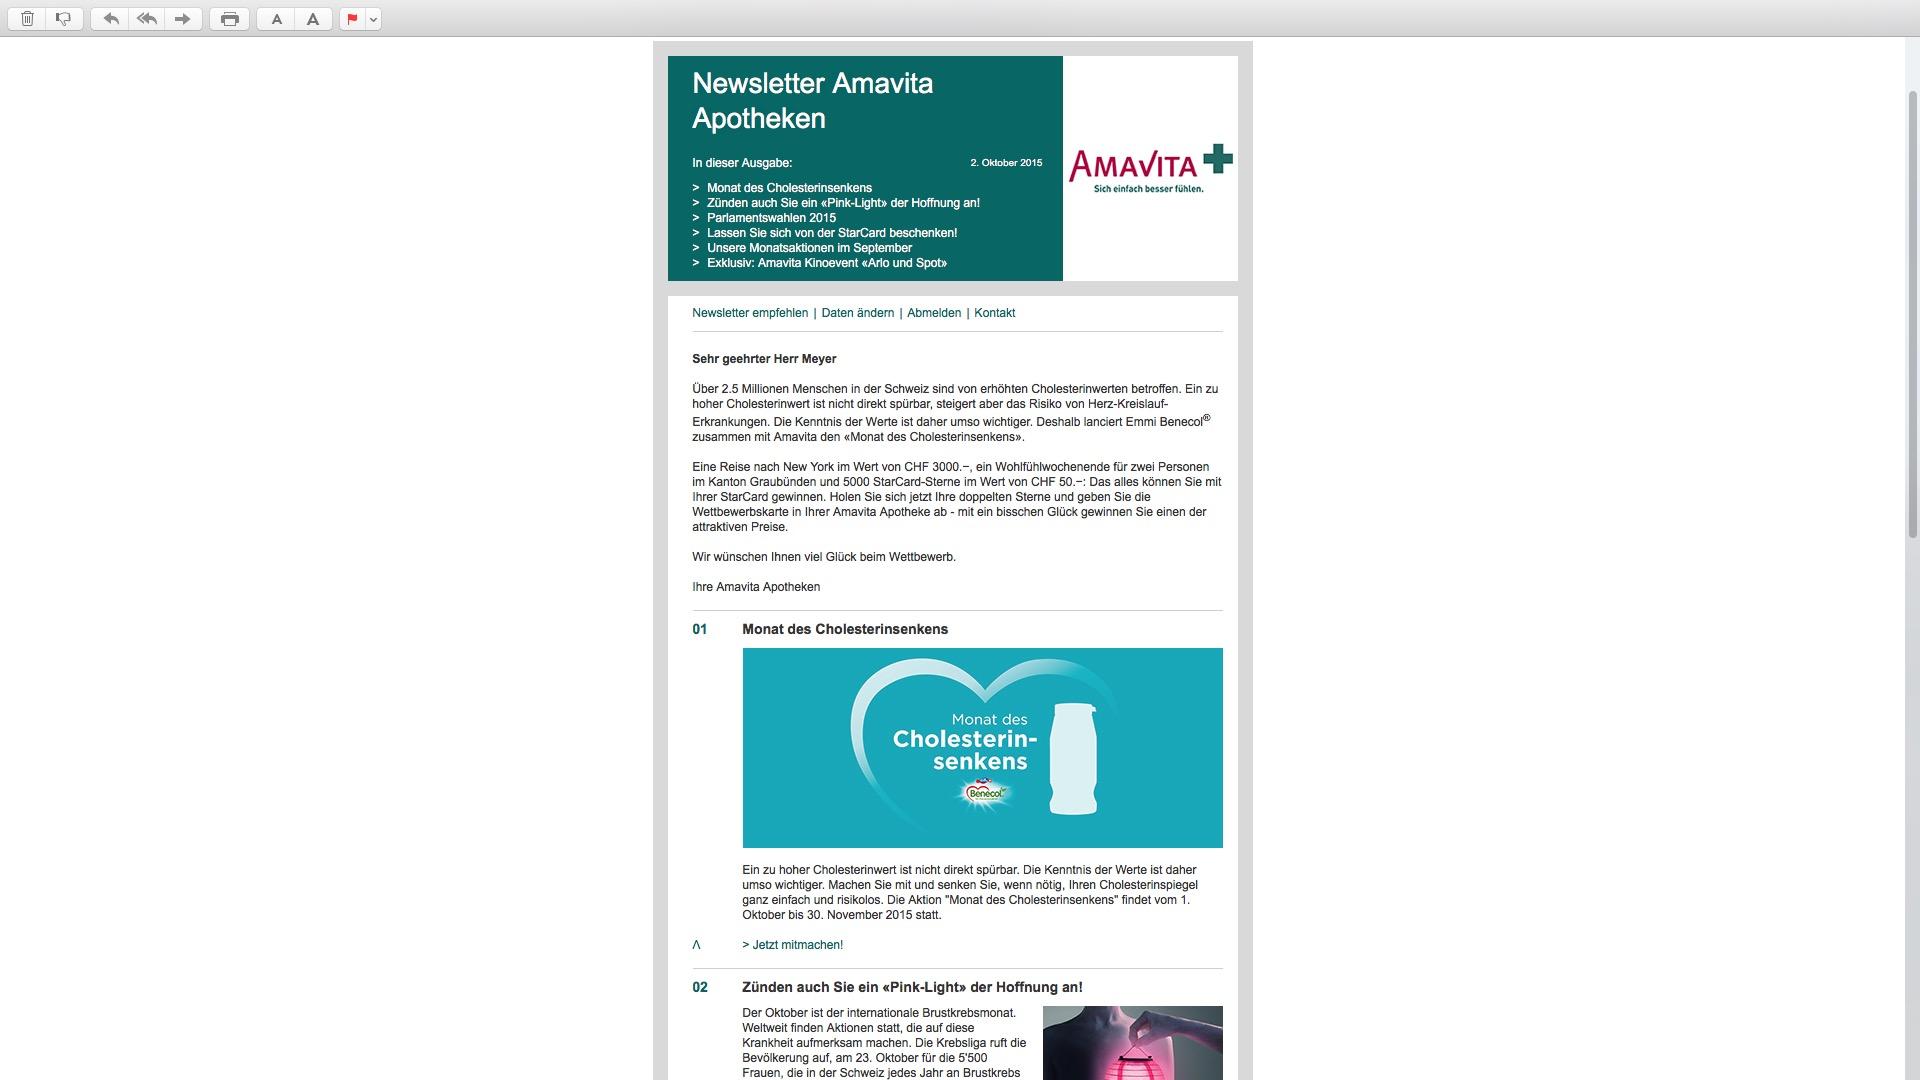 Amavita Newsletter